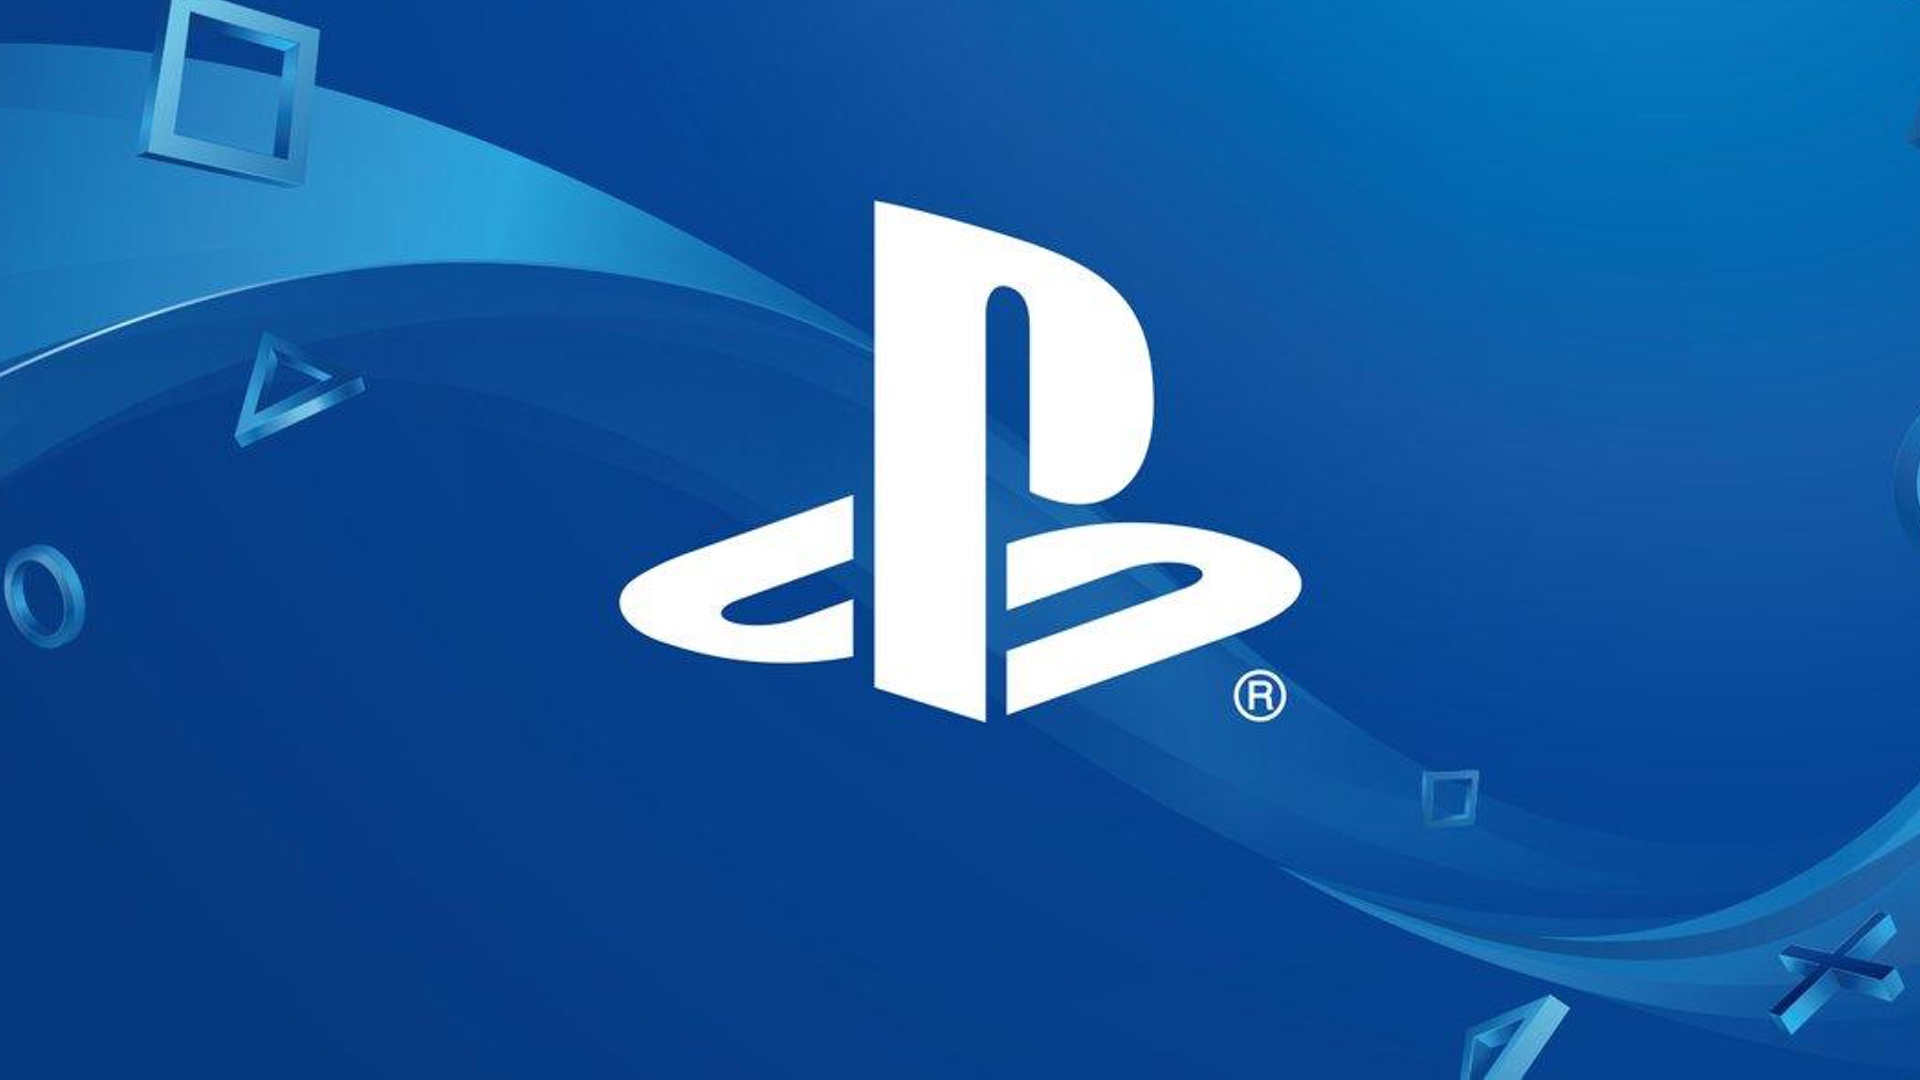 Sony dévoile les premières infos techniques sur sa prochaine Playstation 5 avec l'interview de Mark Cerny